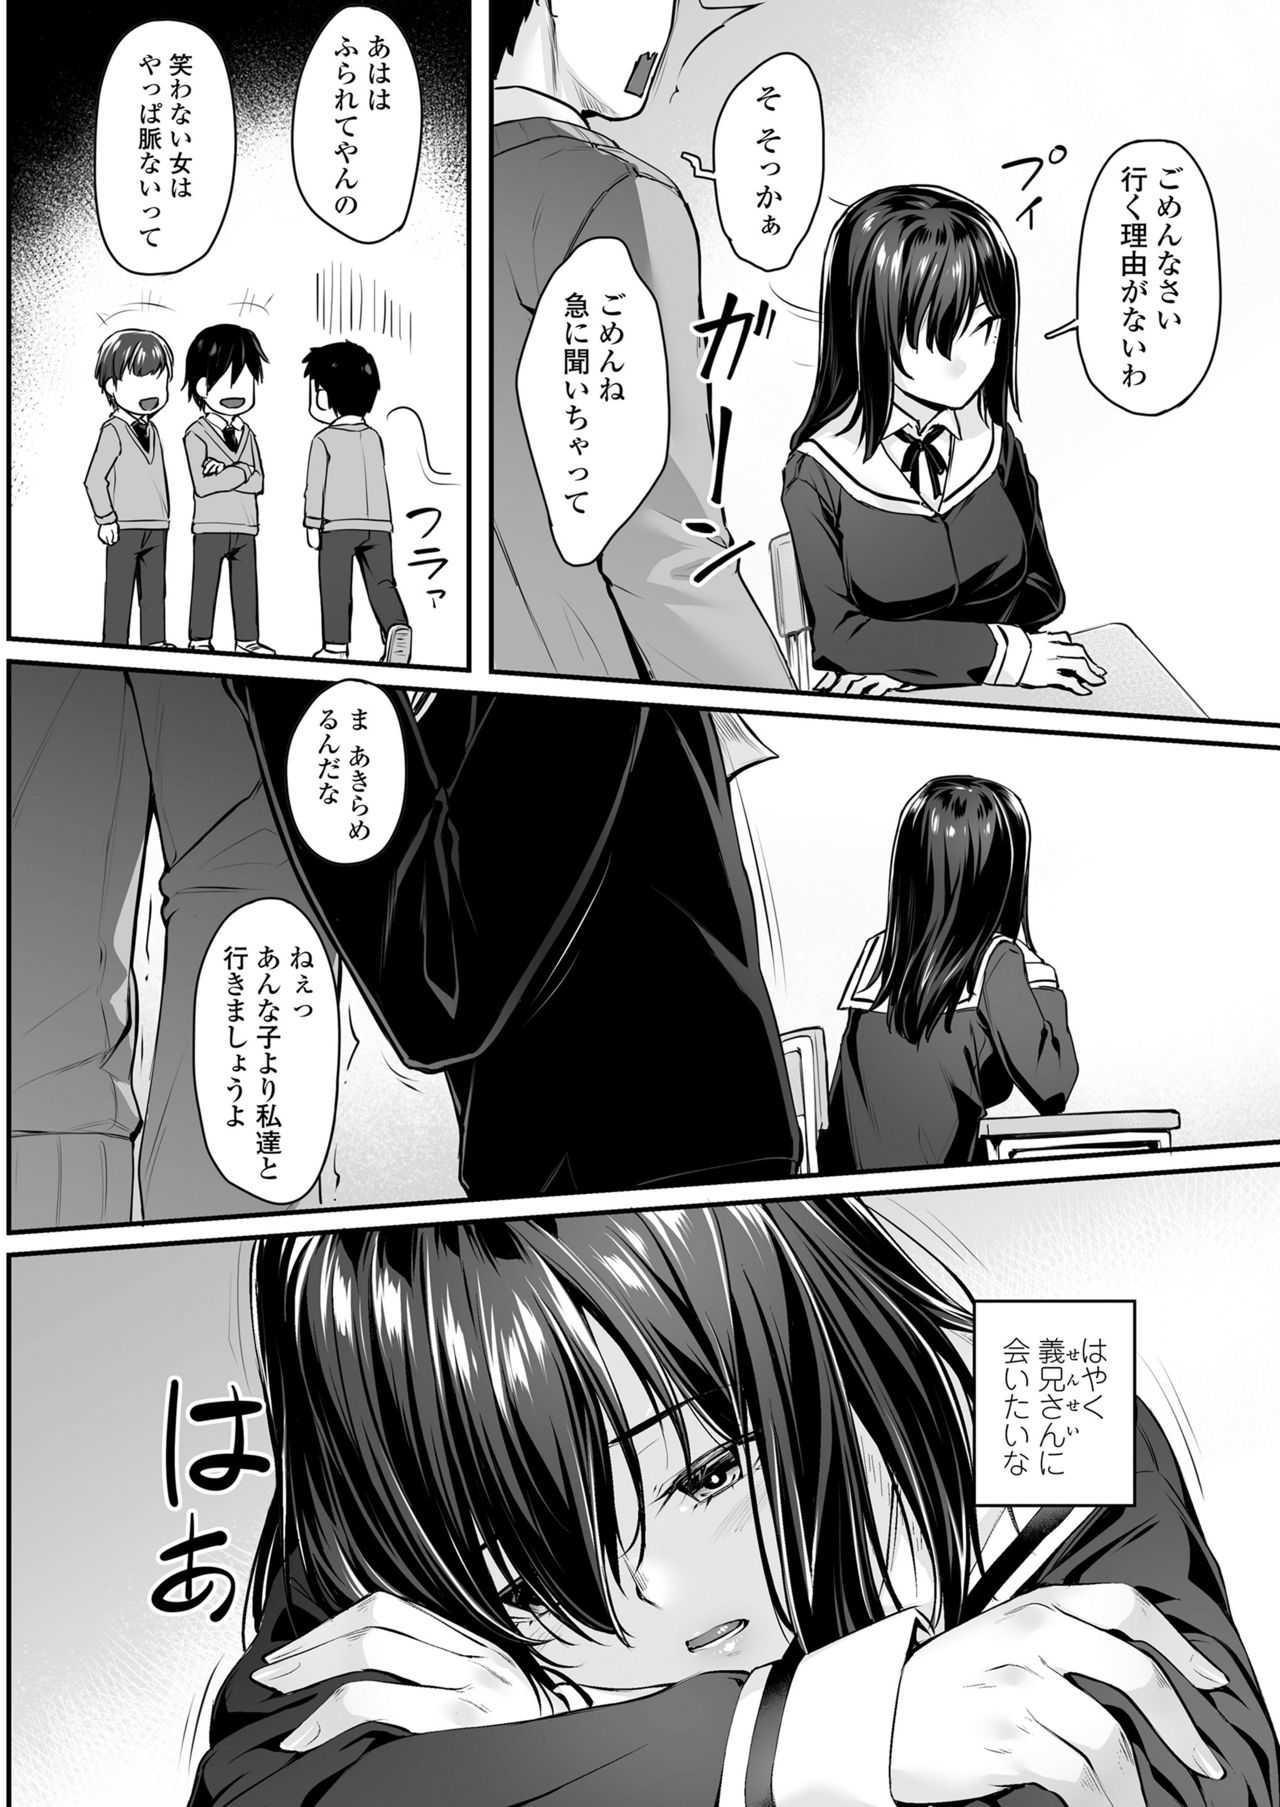 【エロ漫画】クールで愛想の無い美少女JK…教師である義兄と学校内で禁断のセックスに溺れるwww【かせい:わたし達の家族の形】